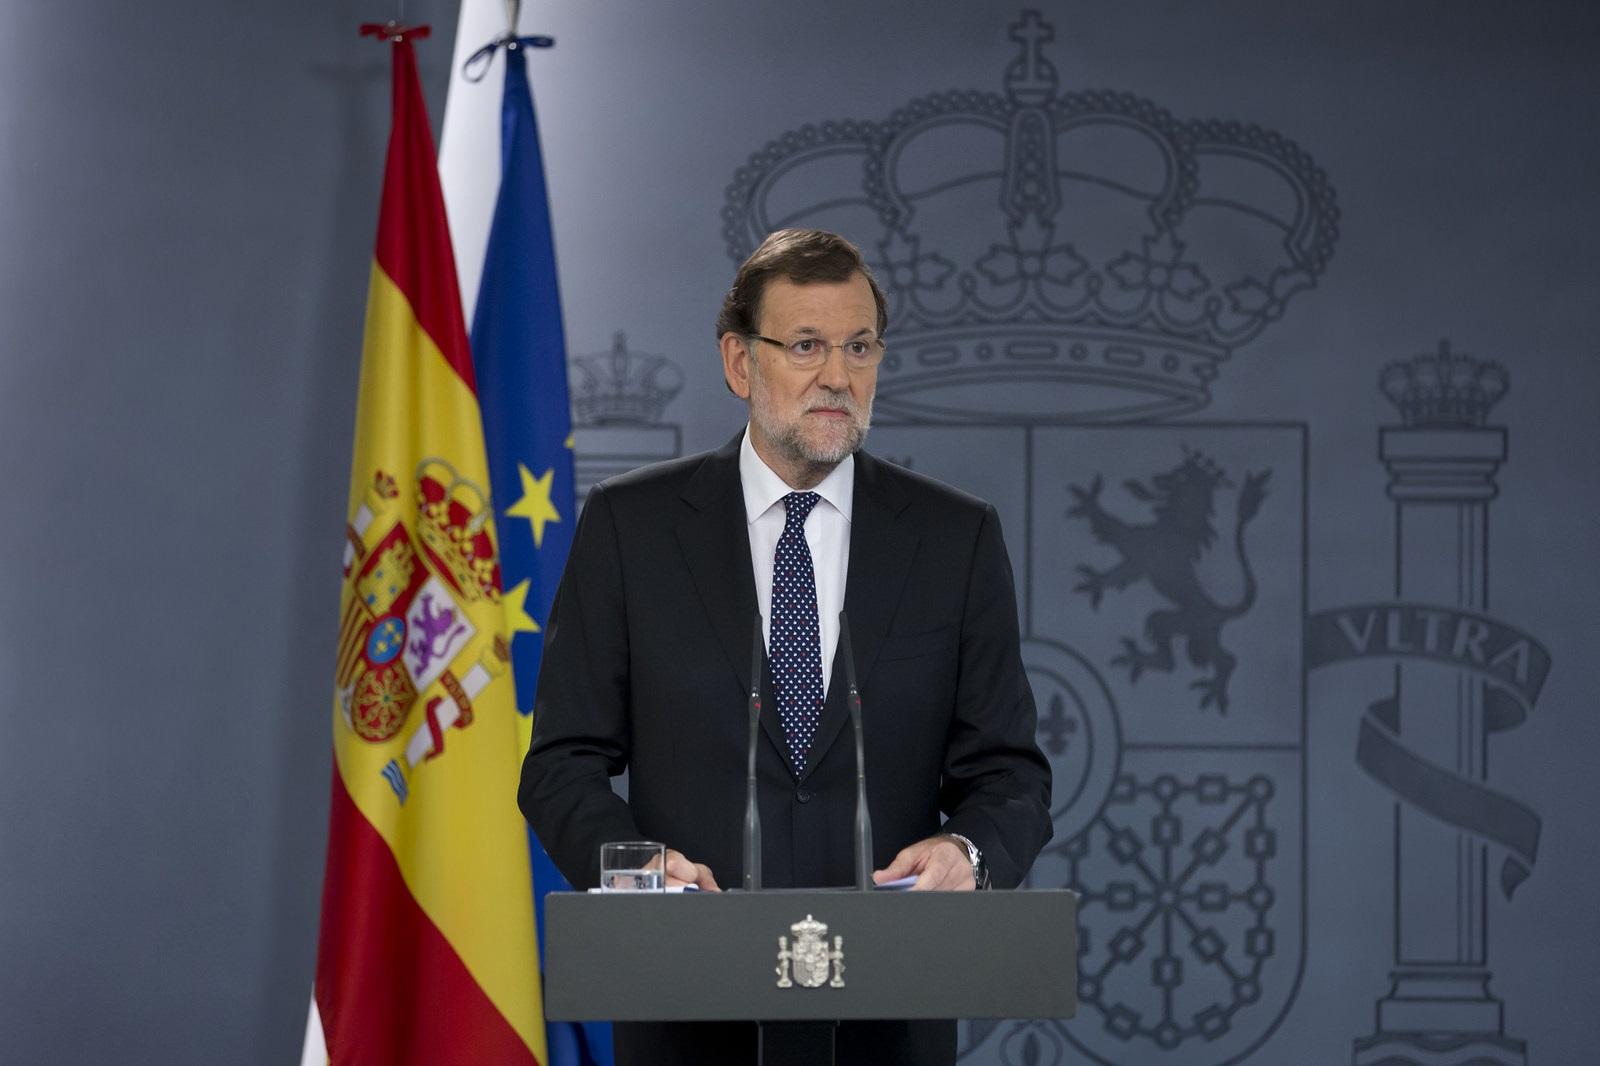 La corrupción cuesta el puesto al presidente del gobierno español